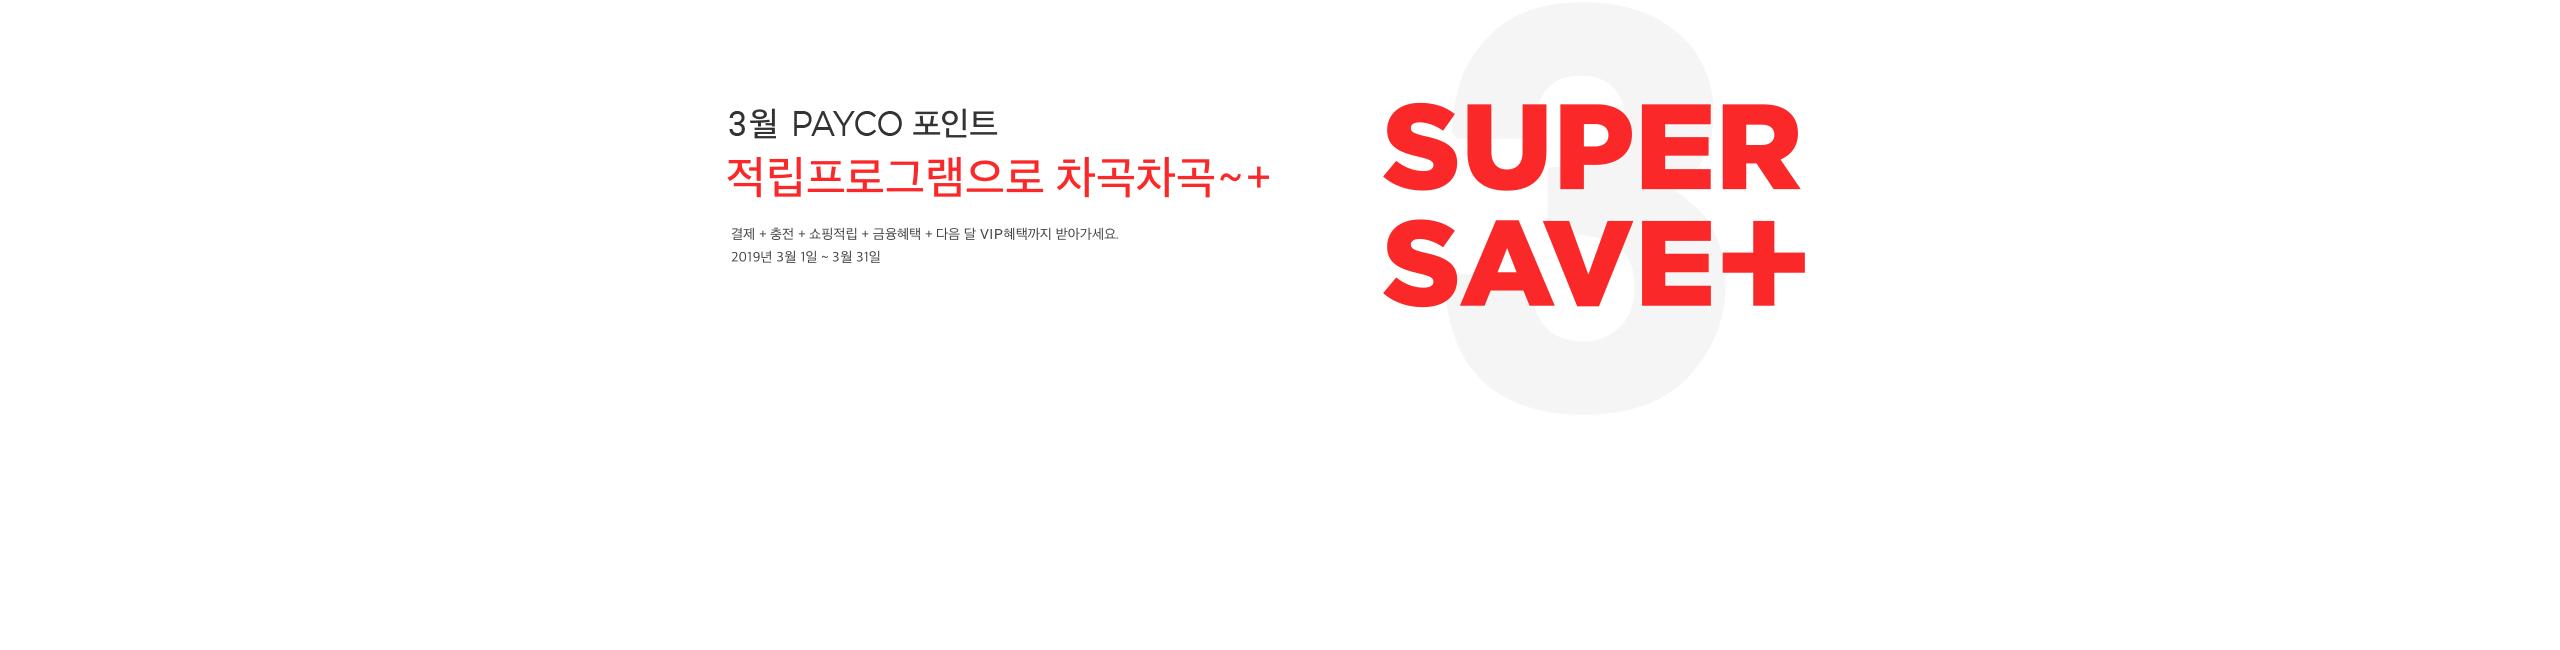 3월 SUPER SAVE+